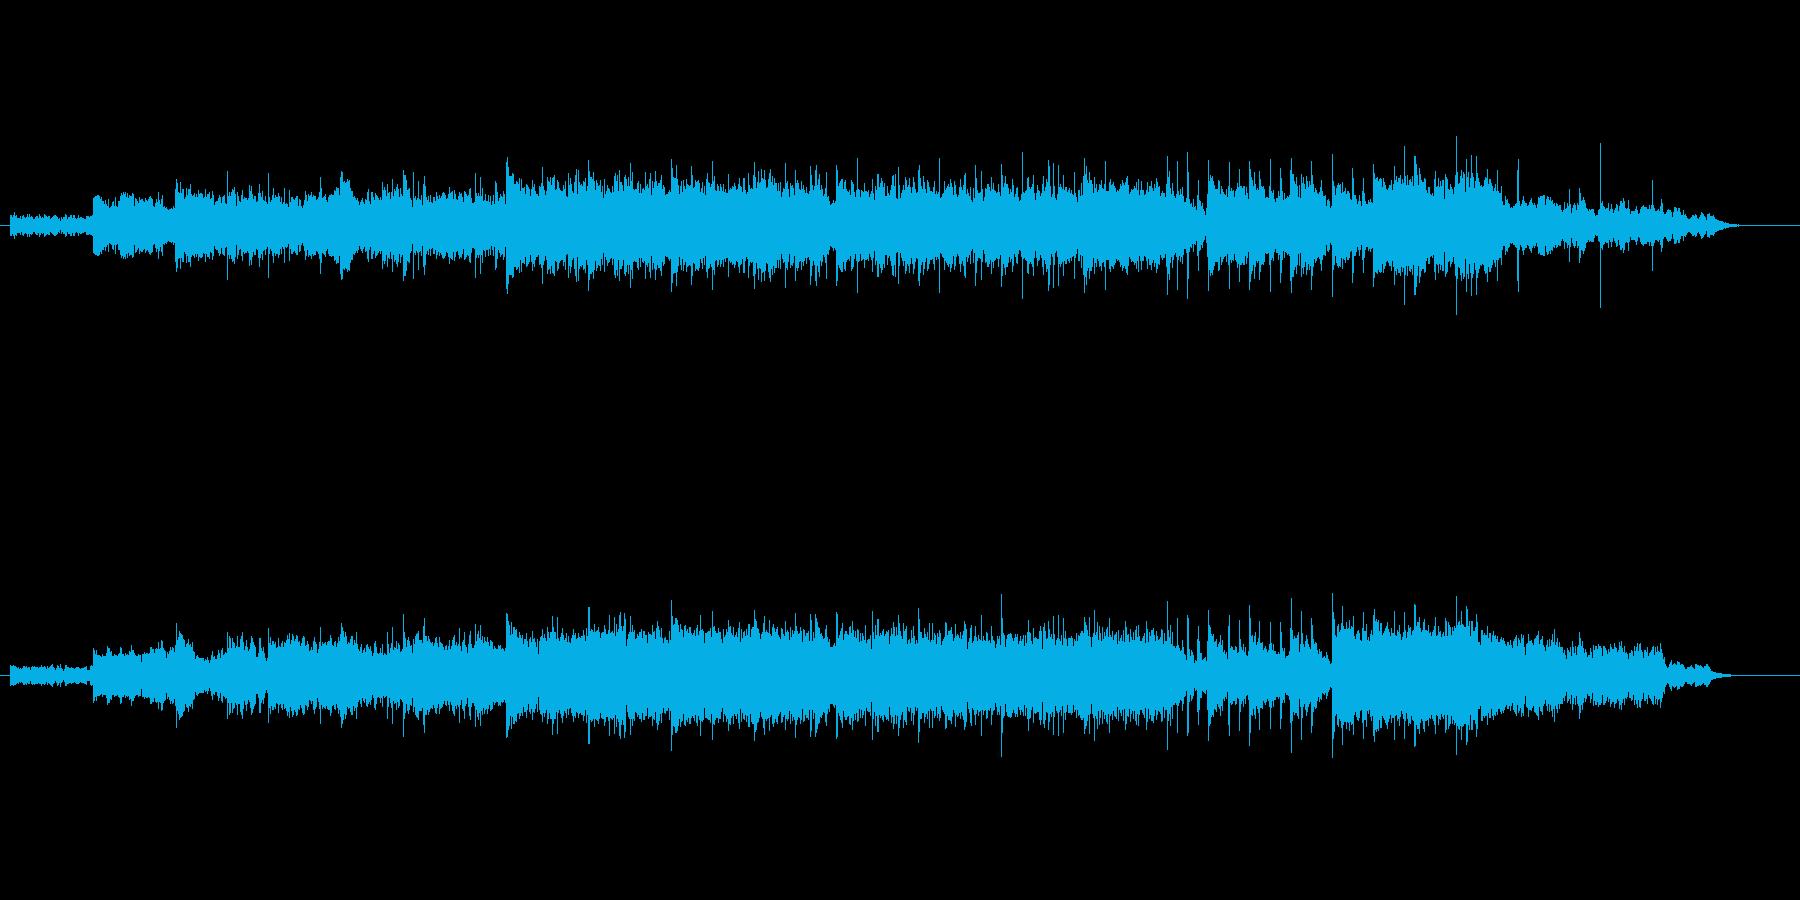 邦楽特選2伝統の美の再生済みの波形